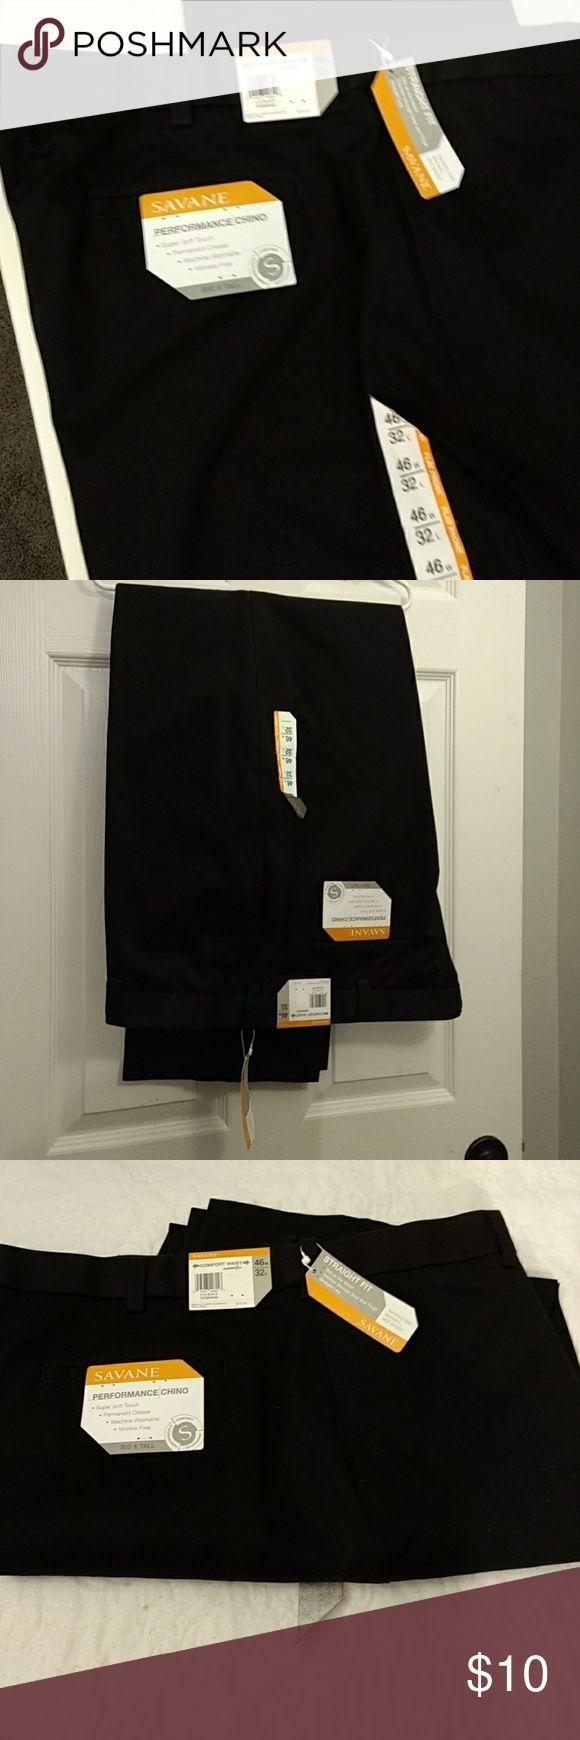 Slacks Black straight fit/comfort waist savane Pants Dress